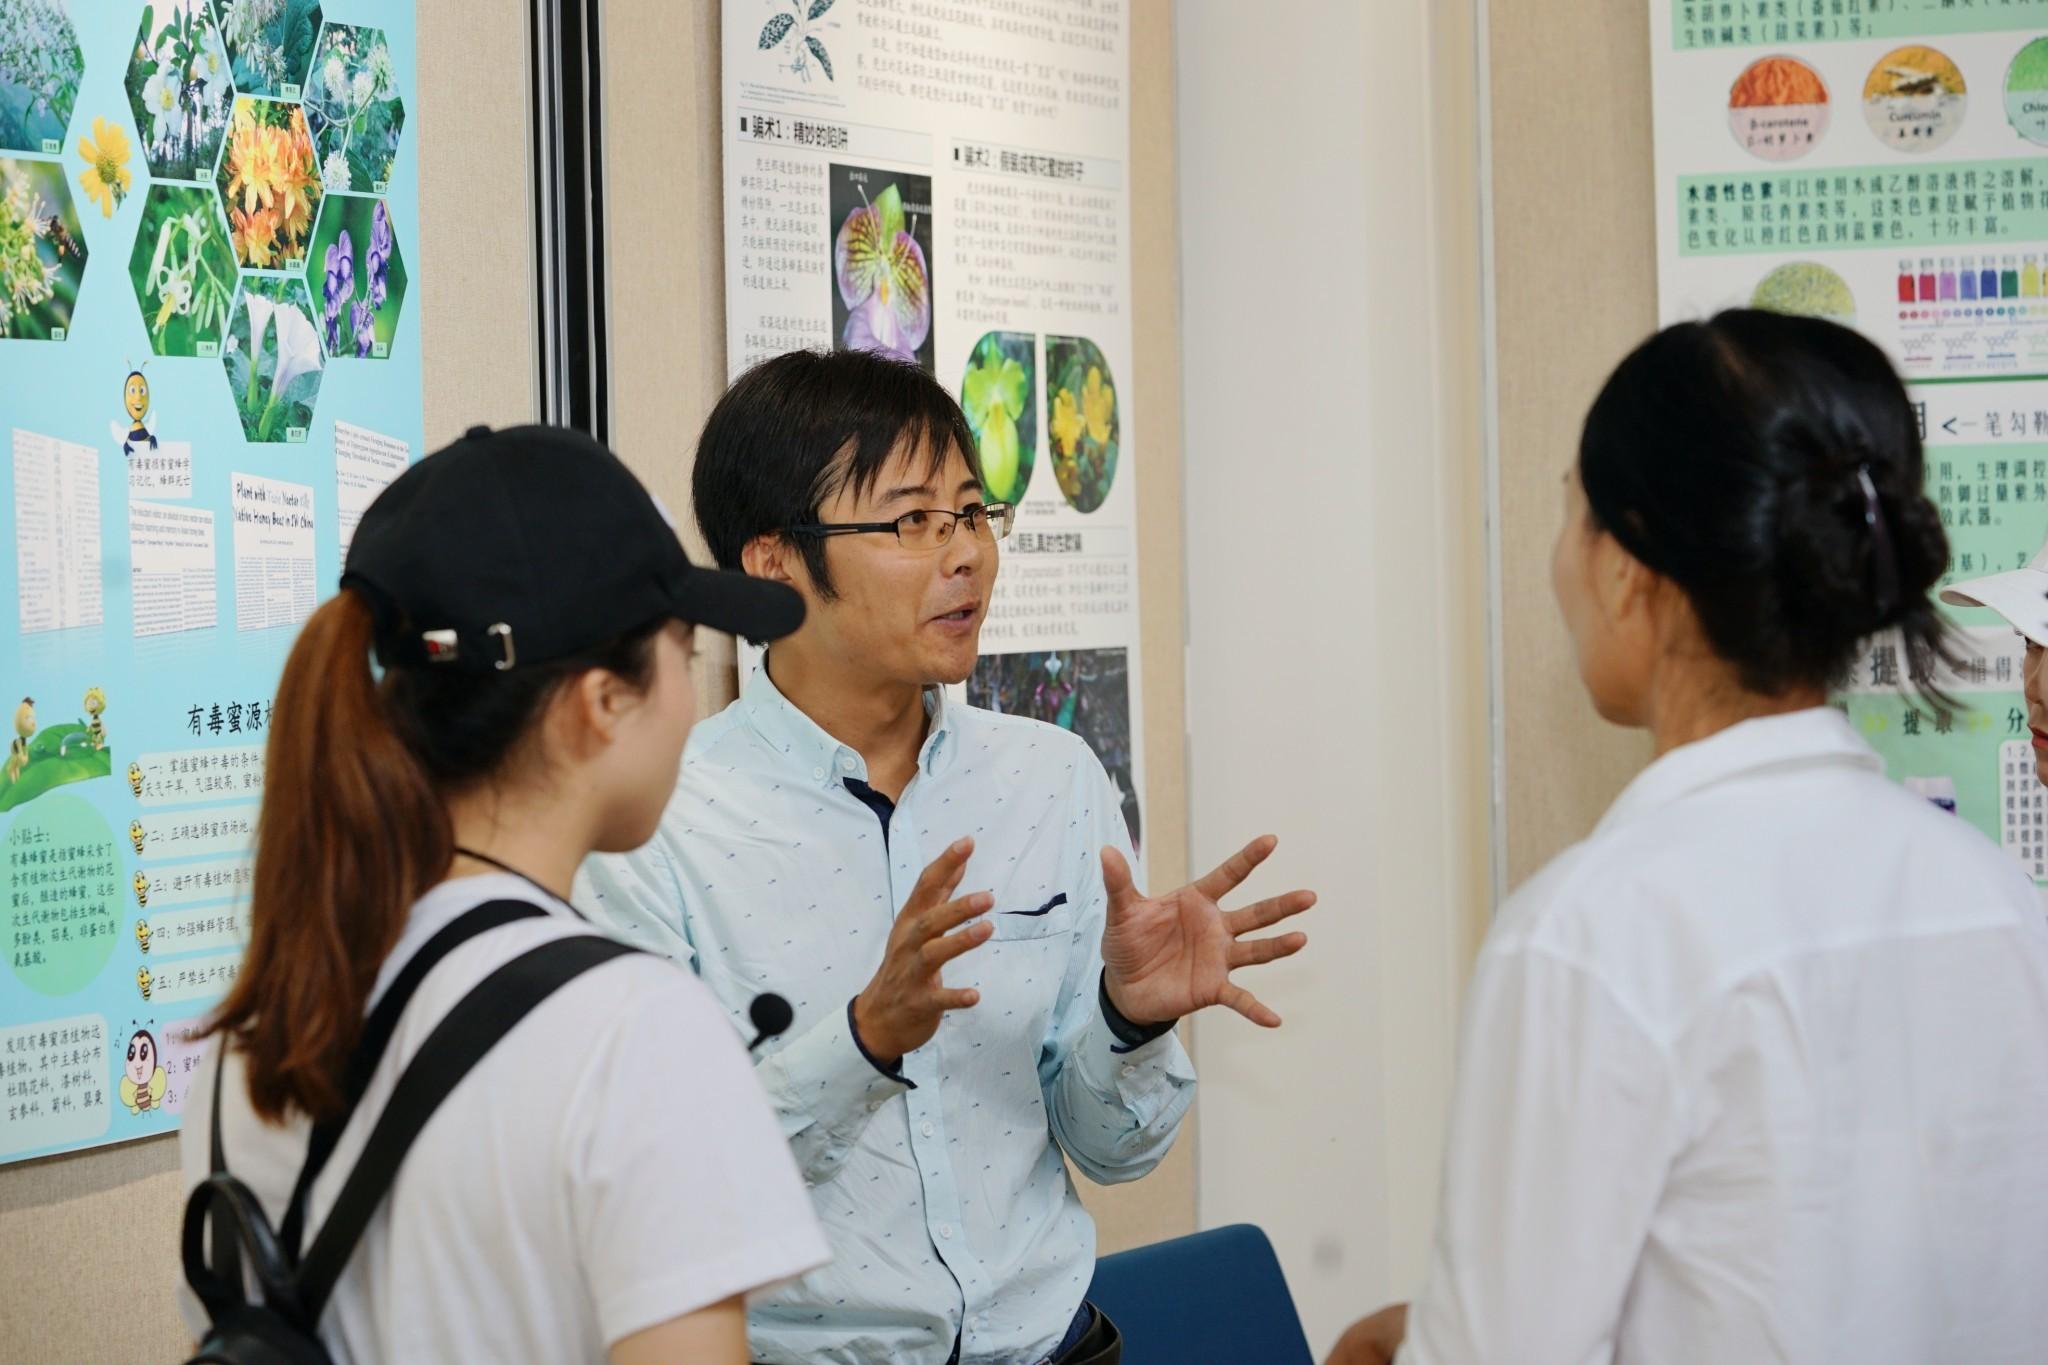 22日的科学节现场,科研人员为参观人员解说(玉最东 摄)